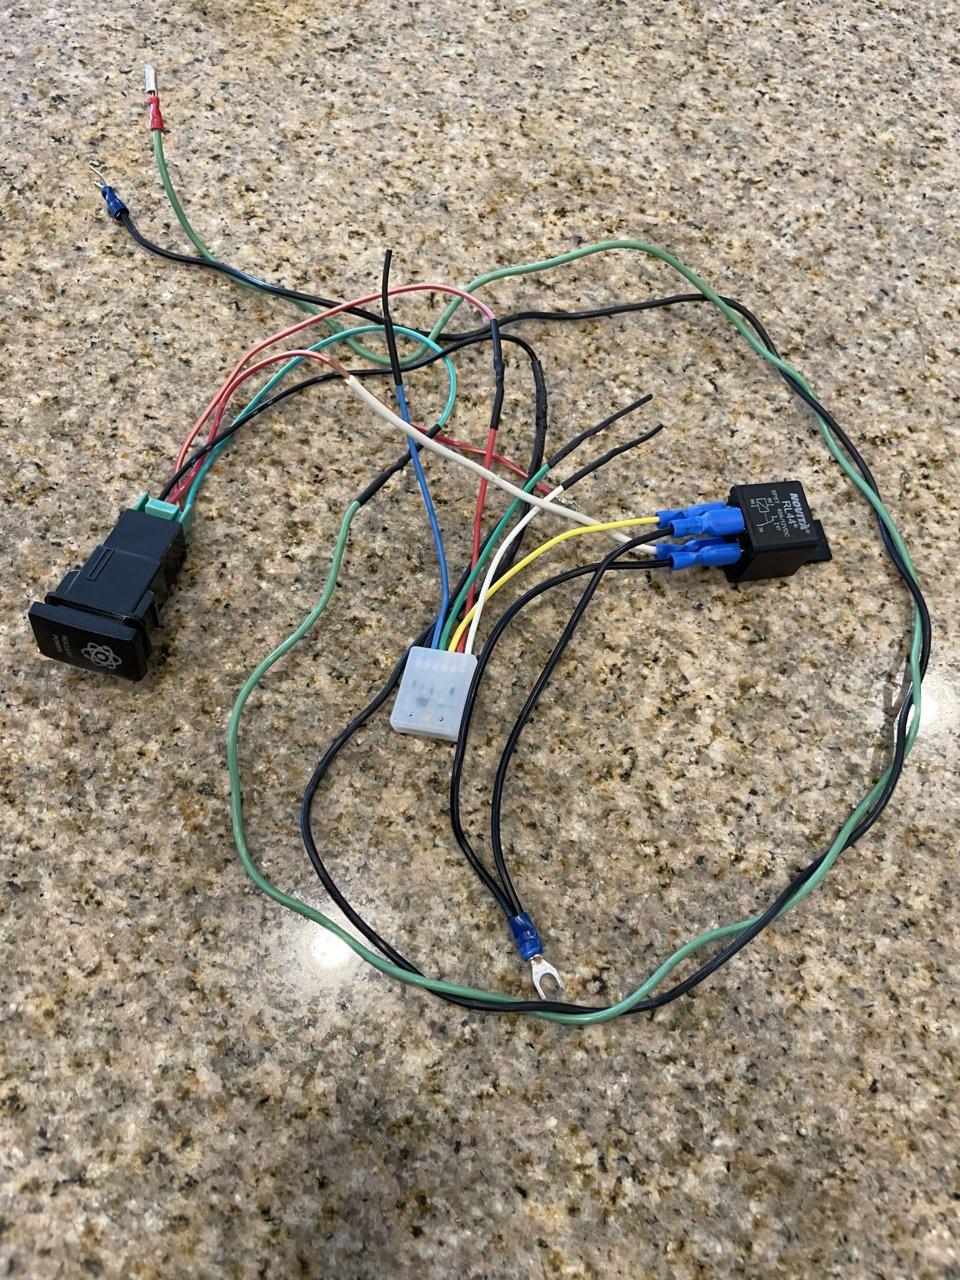 ED782583-FEC3-4B79-A3C7-DD6DF51514E5.jpg